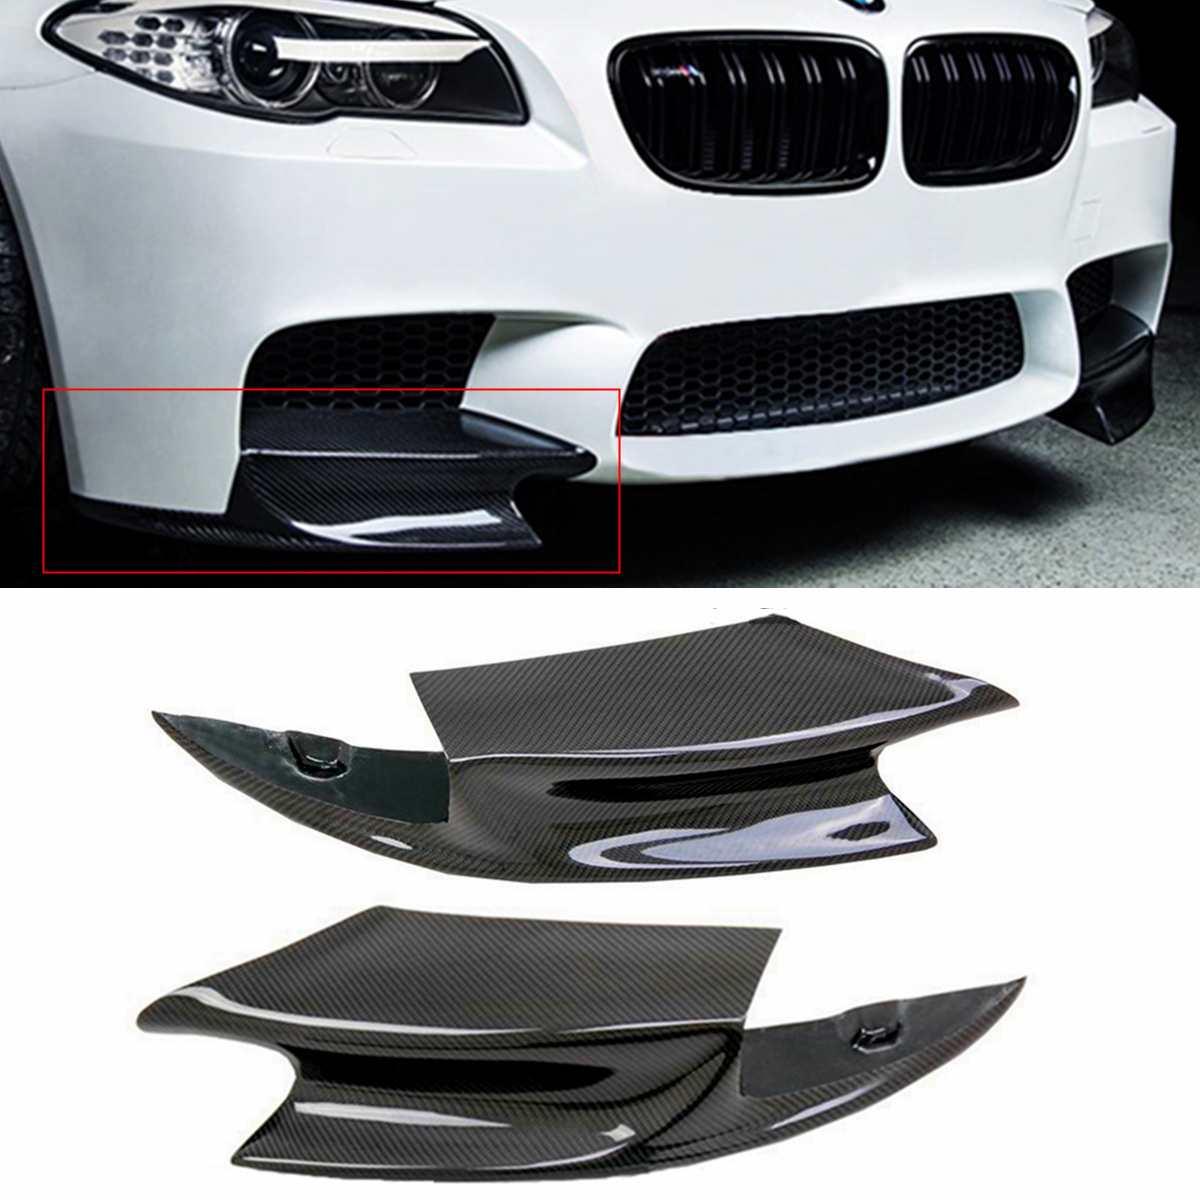 1 paire vraie Fiber de carbone avant pare-chocs séparateur lèvre aileron Air couteau Auto corps pour BMW F10 M5 2012-2016 R Style diffus Splitters